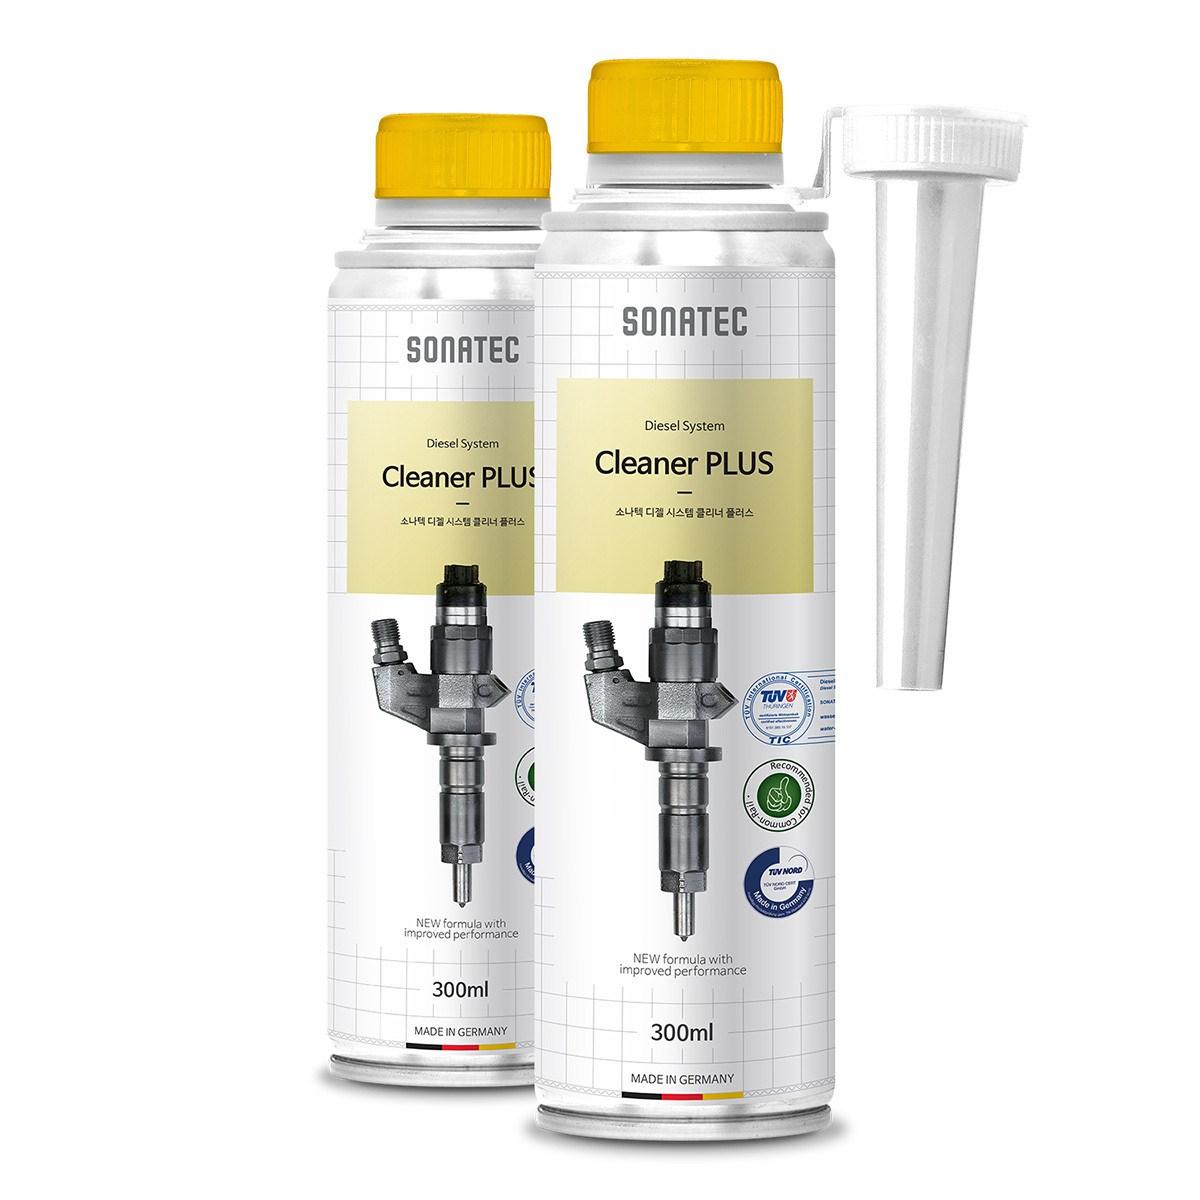 소나텍 독일산 DPF크리너 디젤연료첨가제 연료첨가제, 2개, 디젤시스템크리너